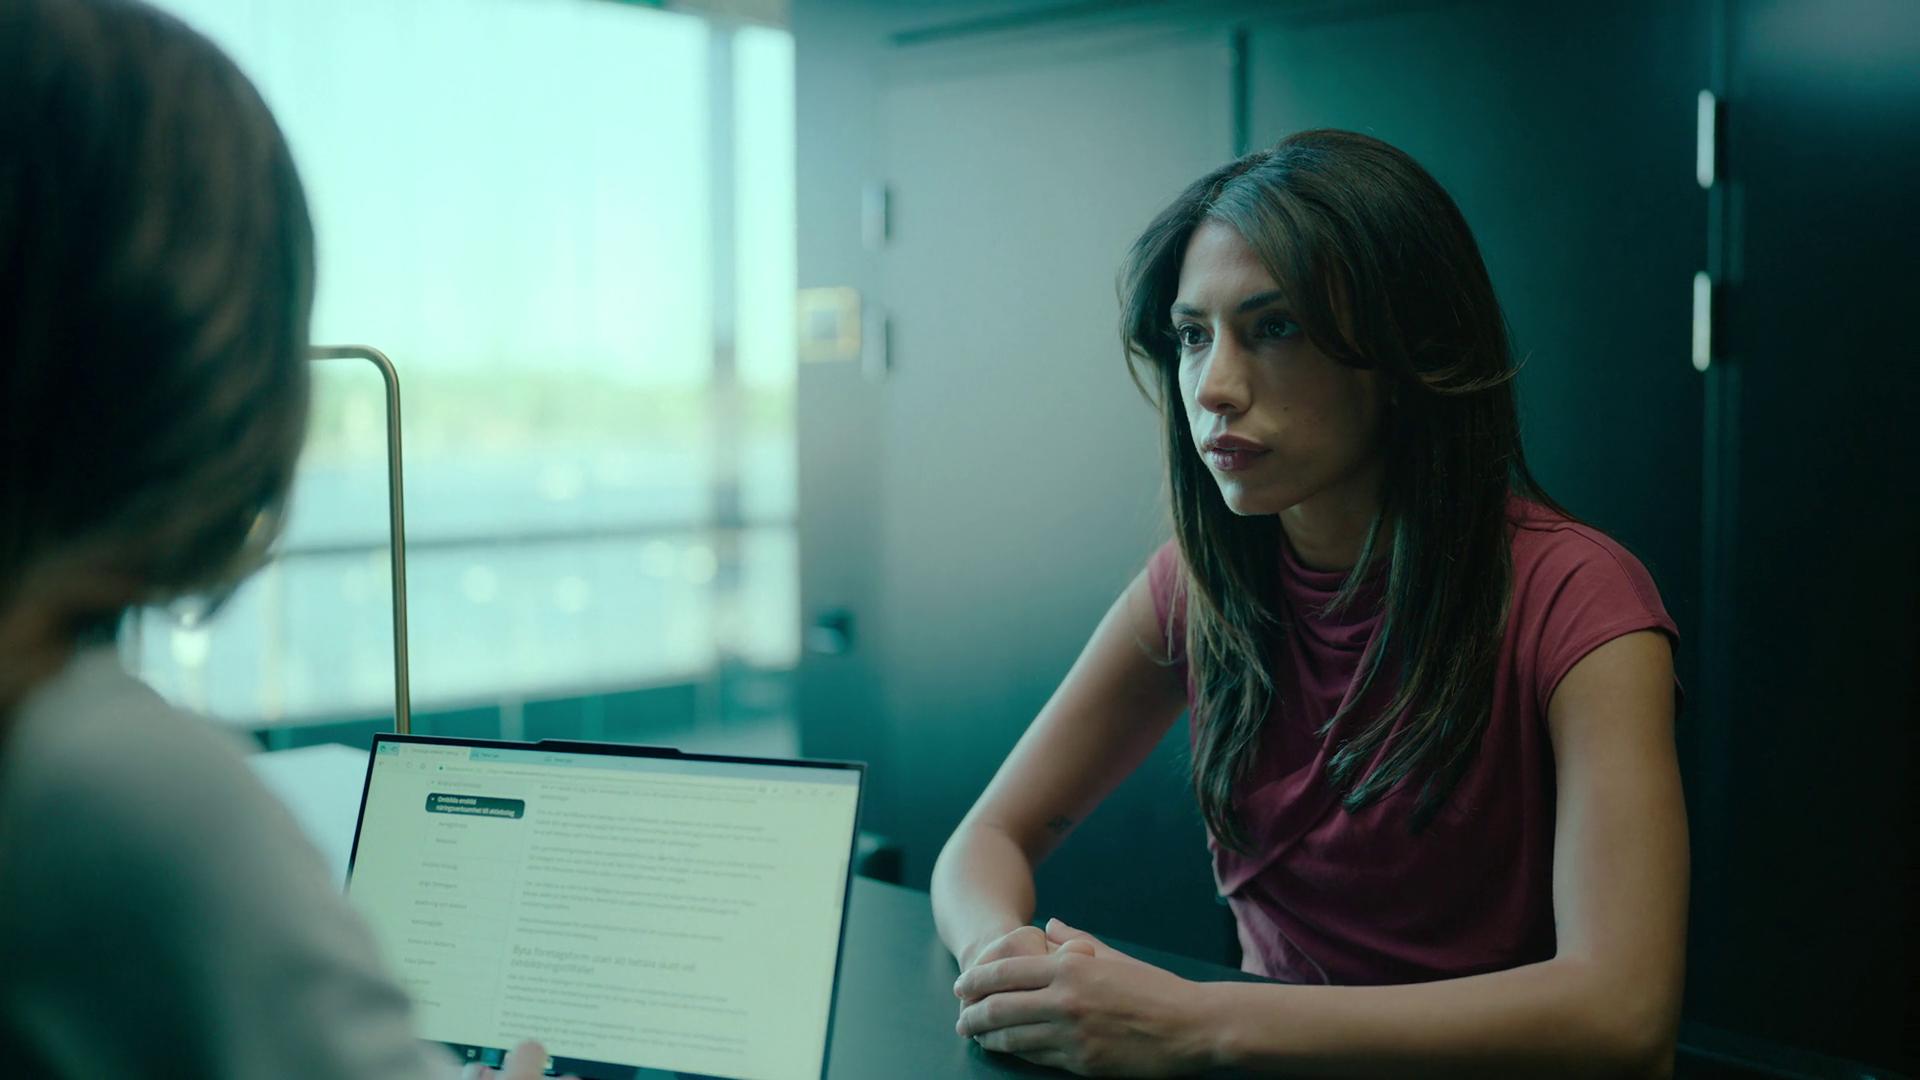 Dinero fácil: La serie (2021) Temporada 1 1080p WEB-DL Latino